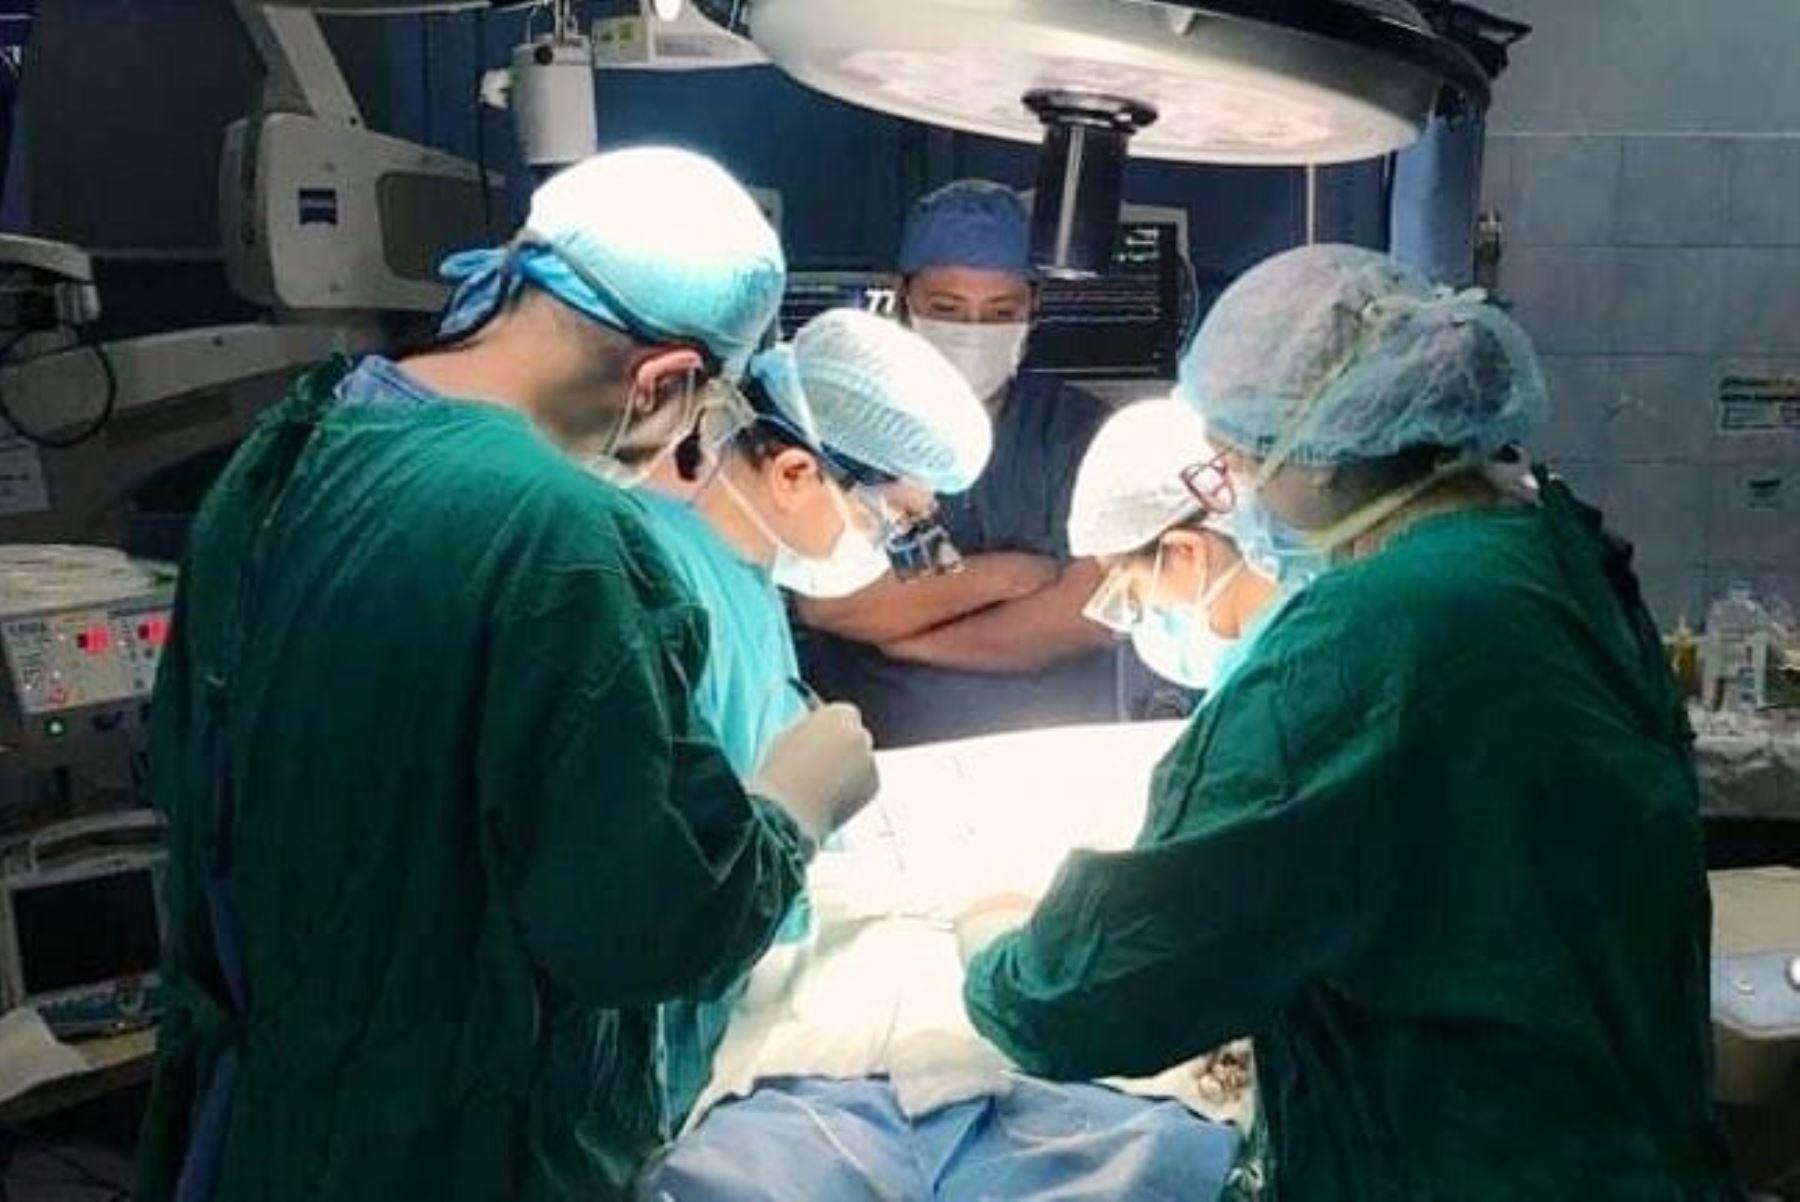 Minsa: salvan vida de obrero con cirugía de corazón de alta complejidad